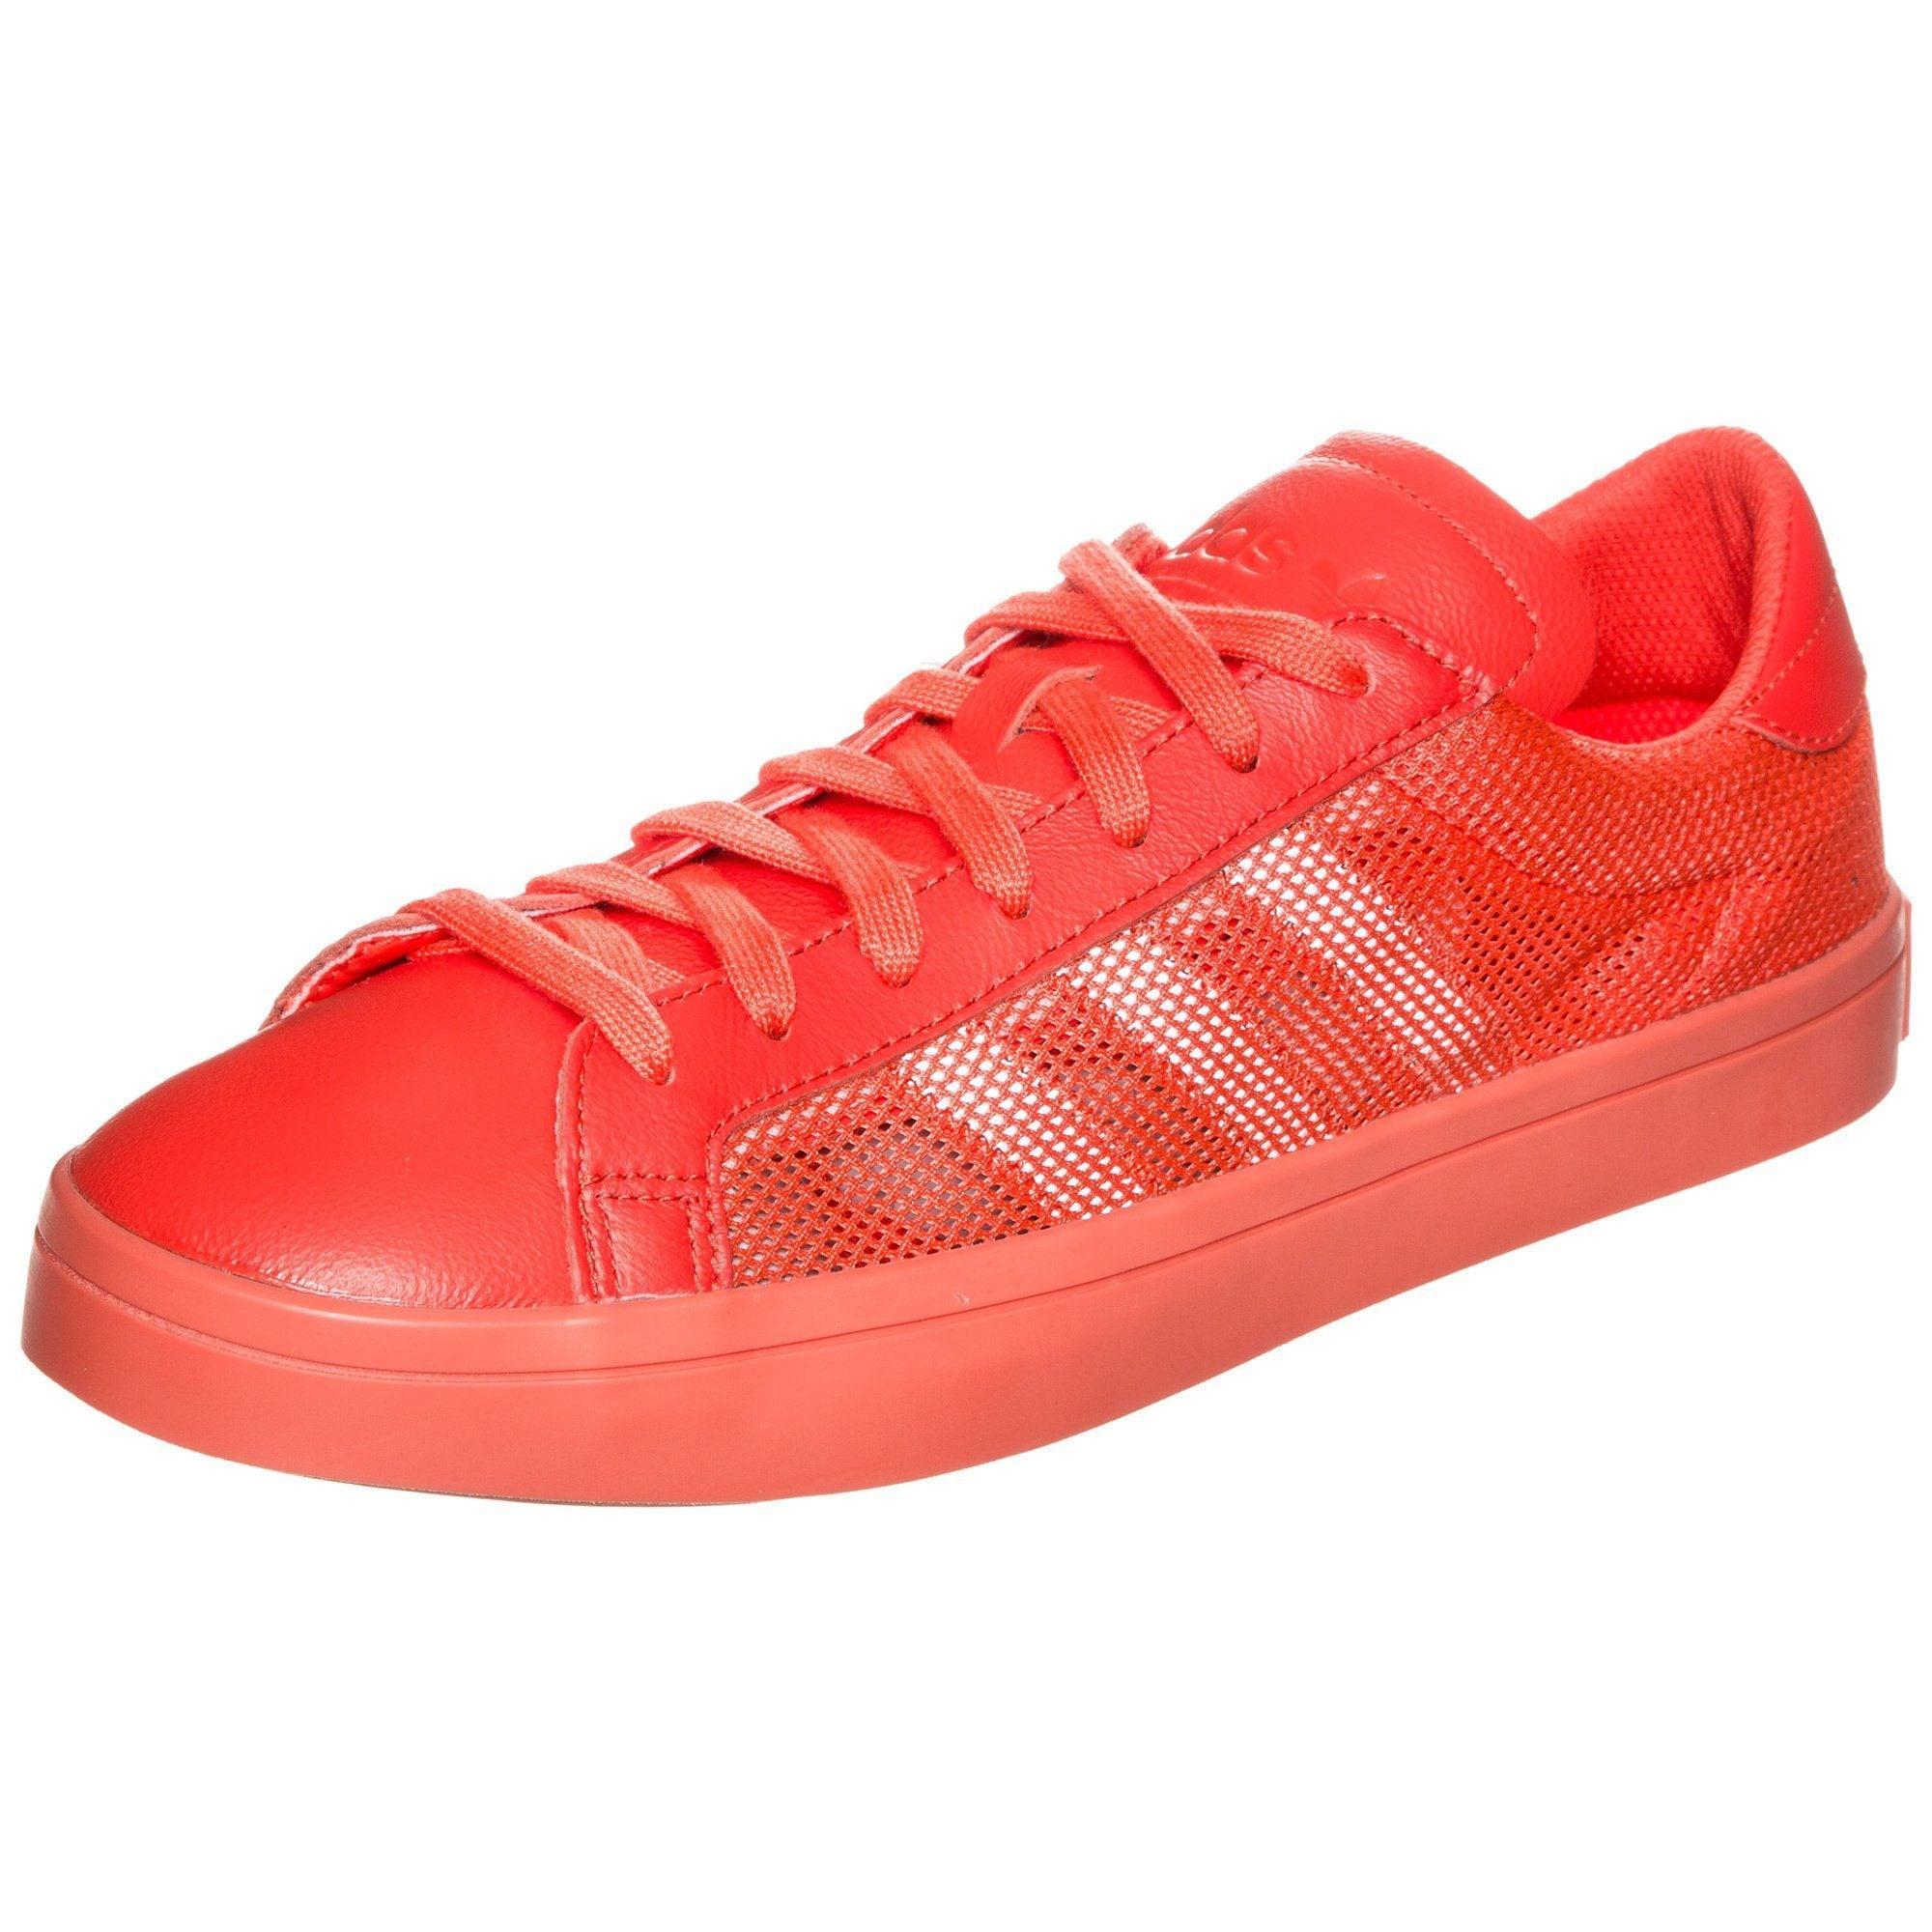 Image of adidas Originals CourtVantage Sneaker Herren